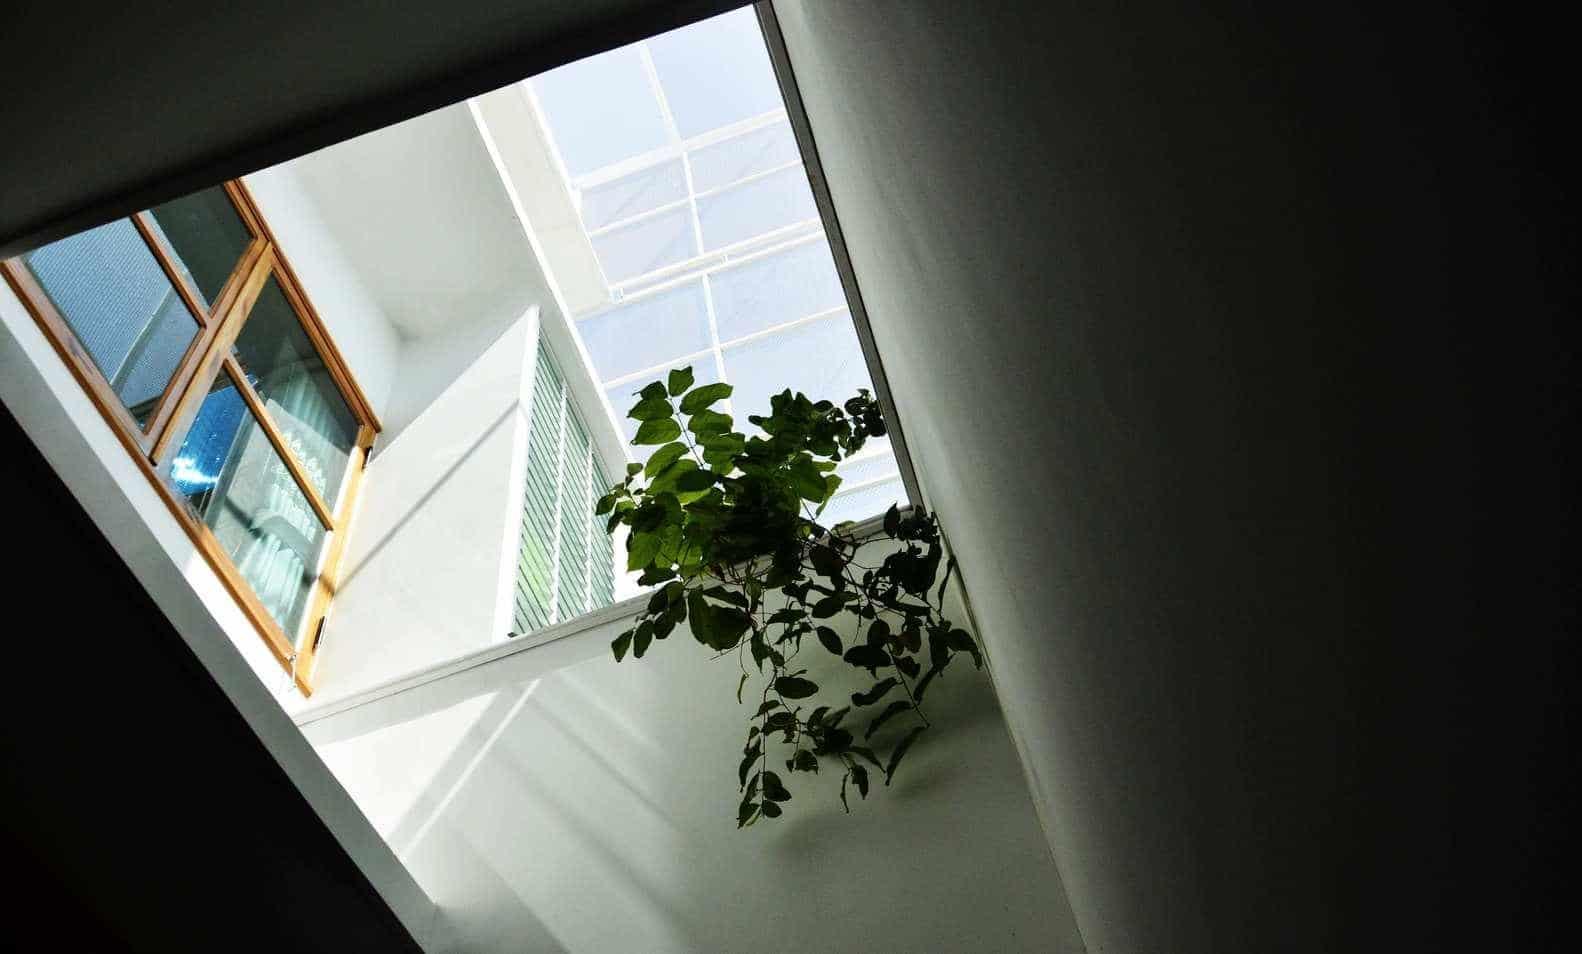 """thiet ke xanh don gian ma an tuong cua ngoi nha tai nha trang 2 - Thiết kế """"xanh"""" đơn giản mà ấn tượng của ngôi nhà tại Nha Trang"""